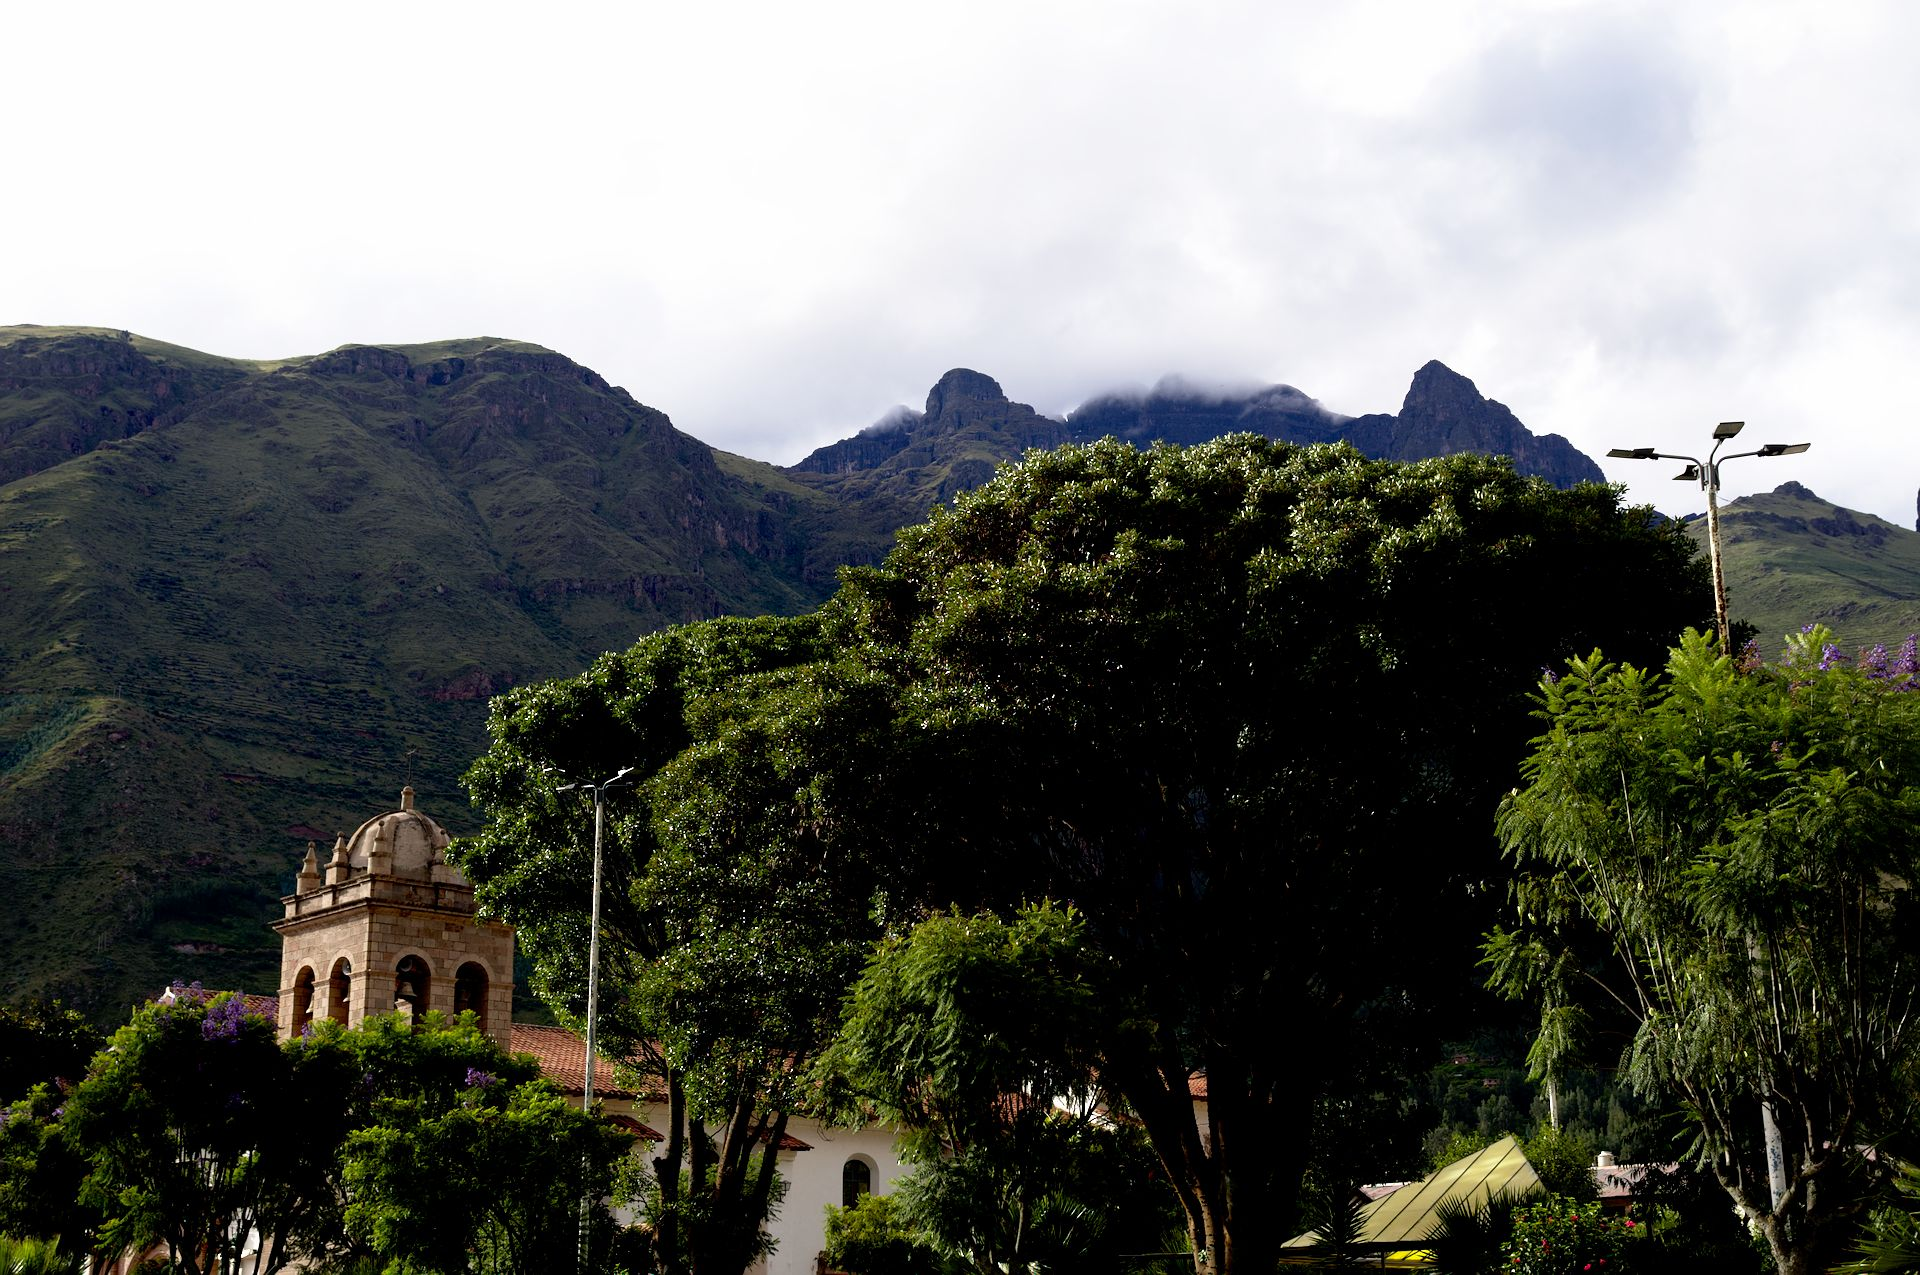 Das heilige Tal der Inkas